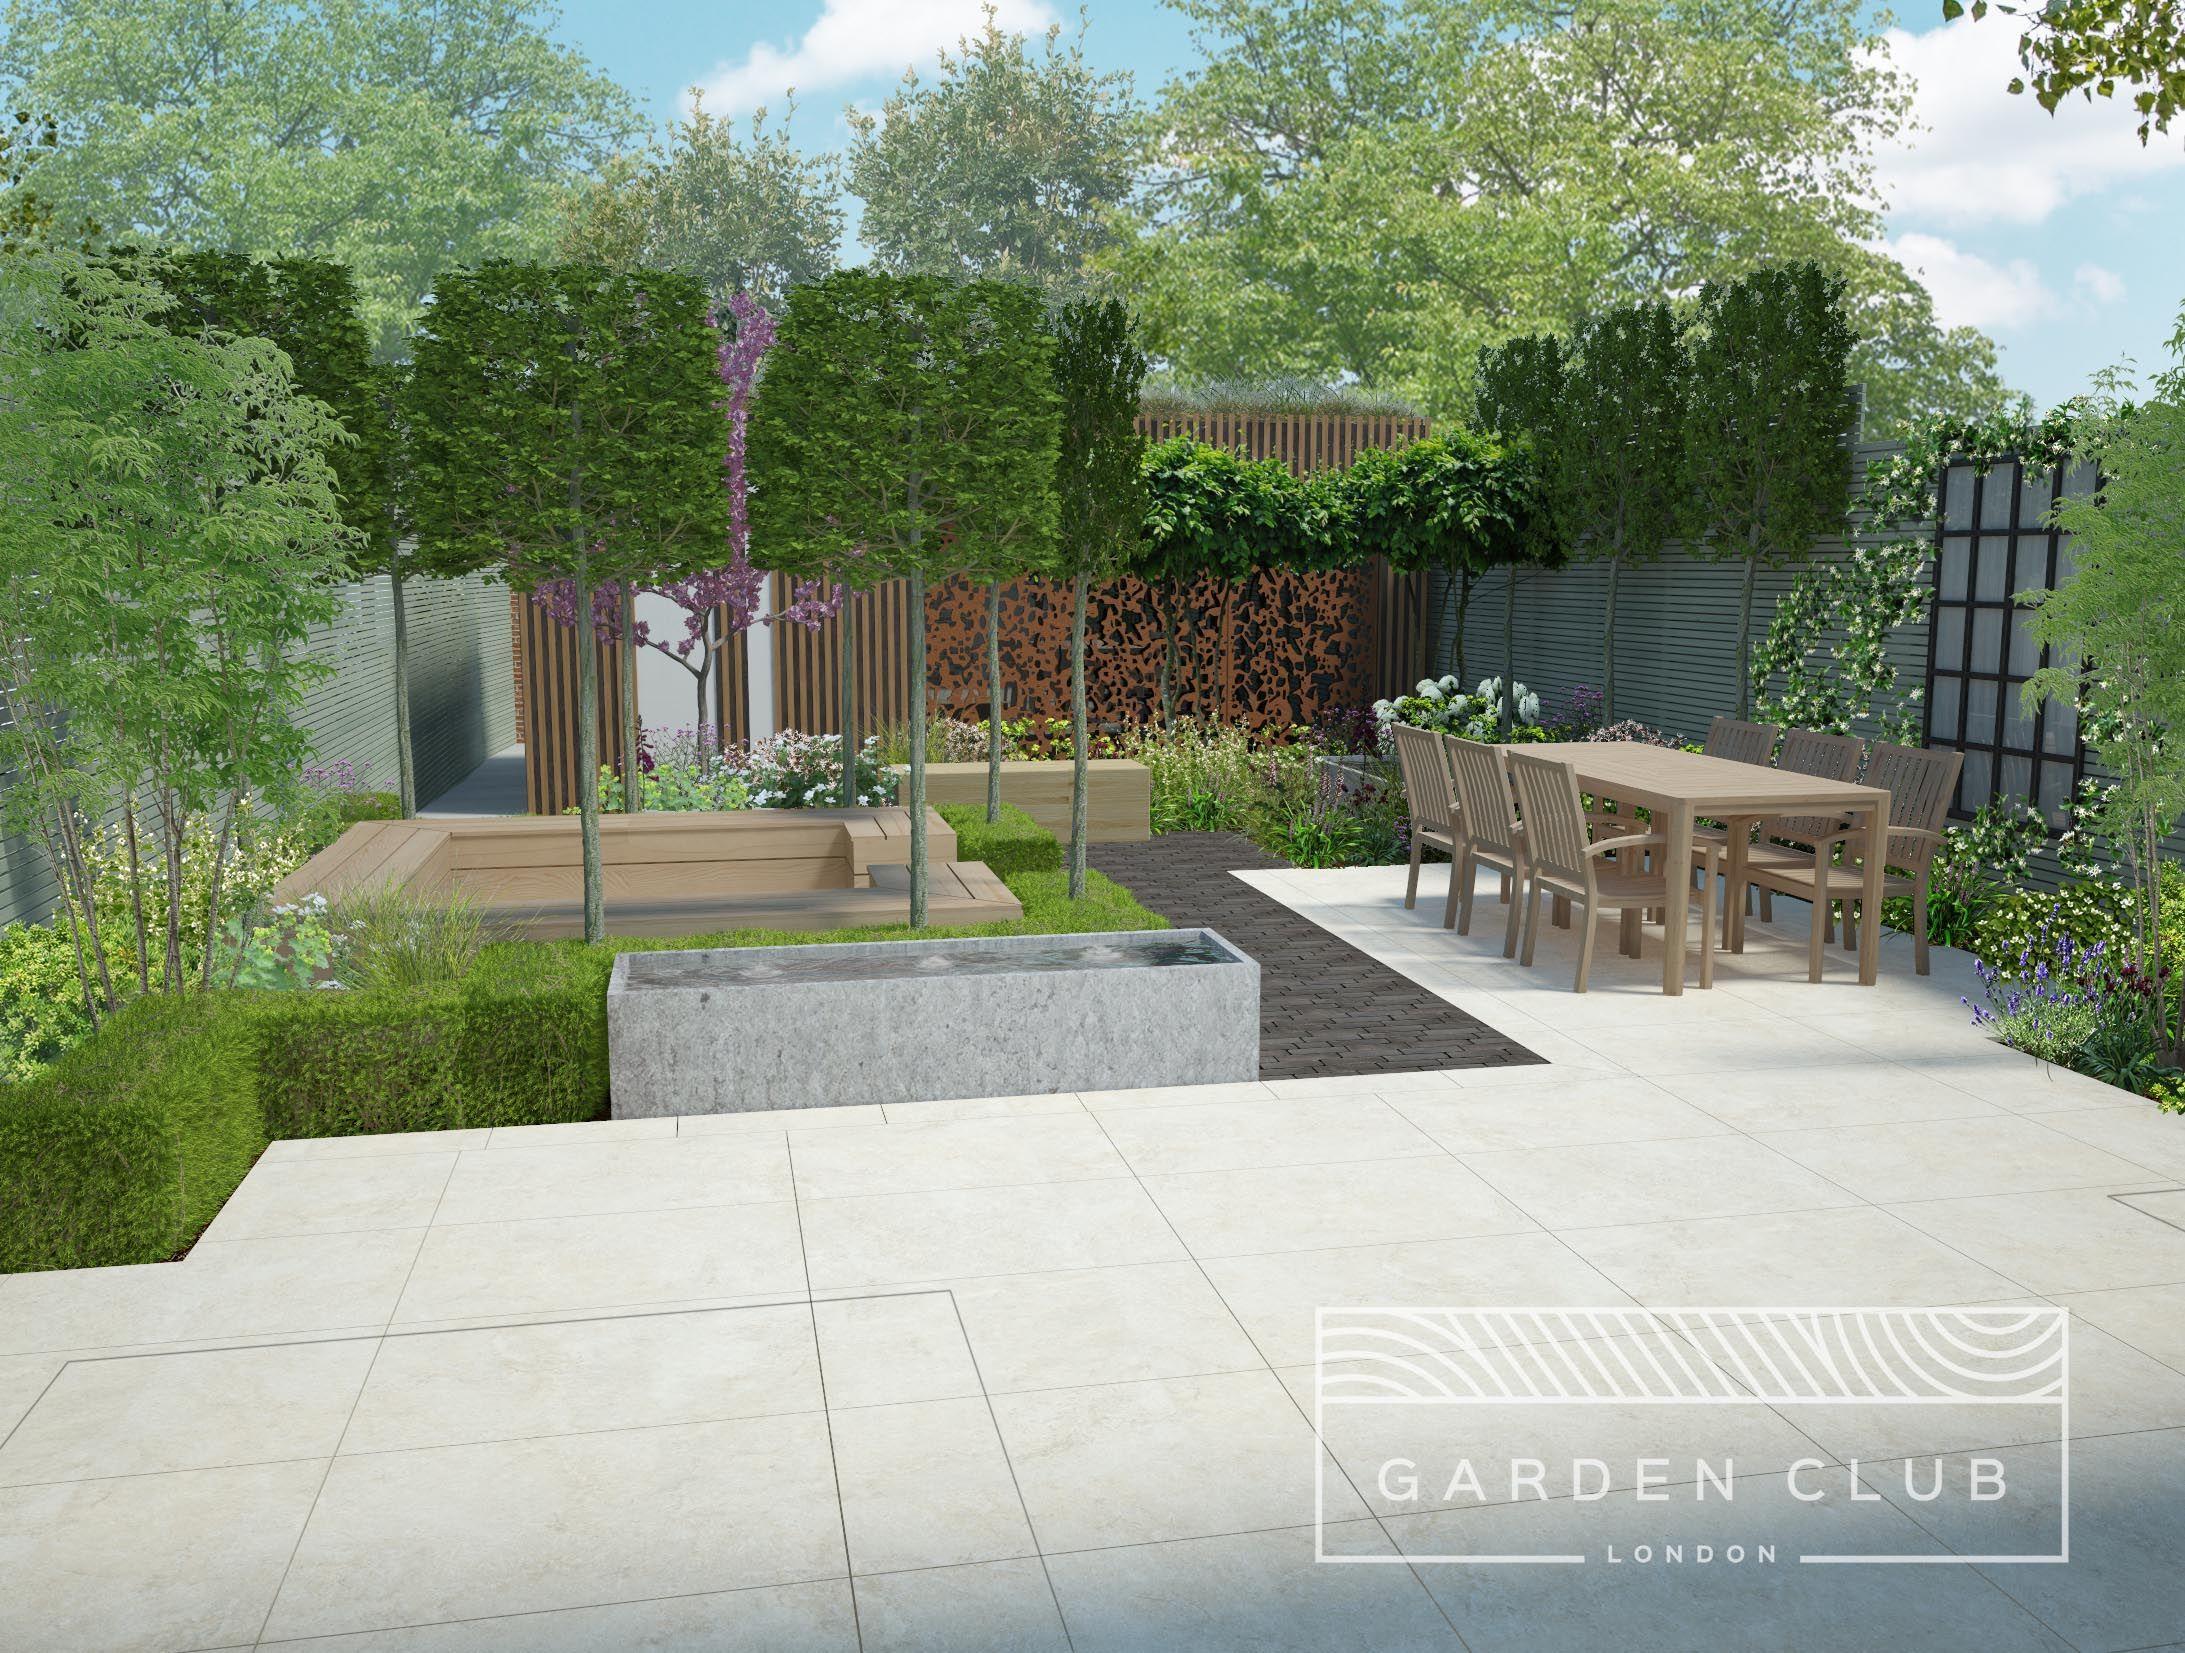 Residential Garden Design Garden Planters Diy Garden Design London Urban Garden Design